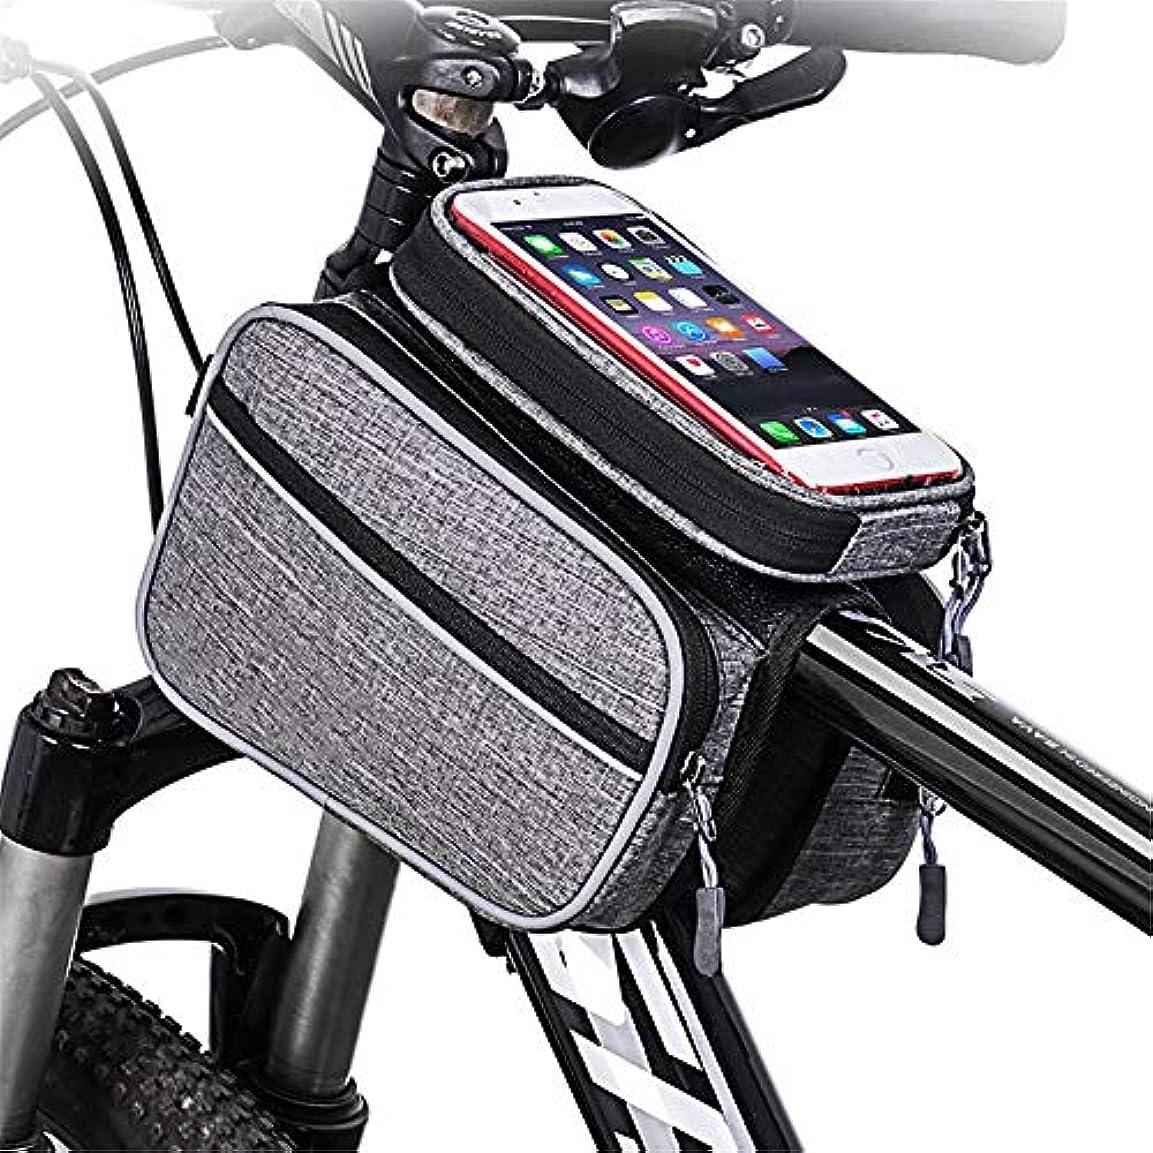 小さい花輪ジュニア自転車シートパックバッグビジュアルウィンドウ自転車フレームトゥキャップチューブ自転車フロントチューブフレームダブルバッグバッグ、IPhone X 7 Plus / 6 / 6S Plus Smartphone最大6.0インチ サイクリングバッグ防水